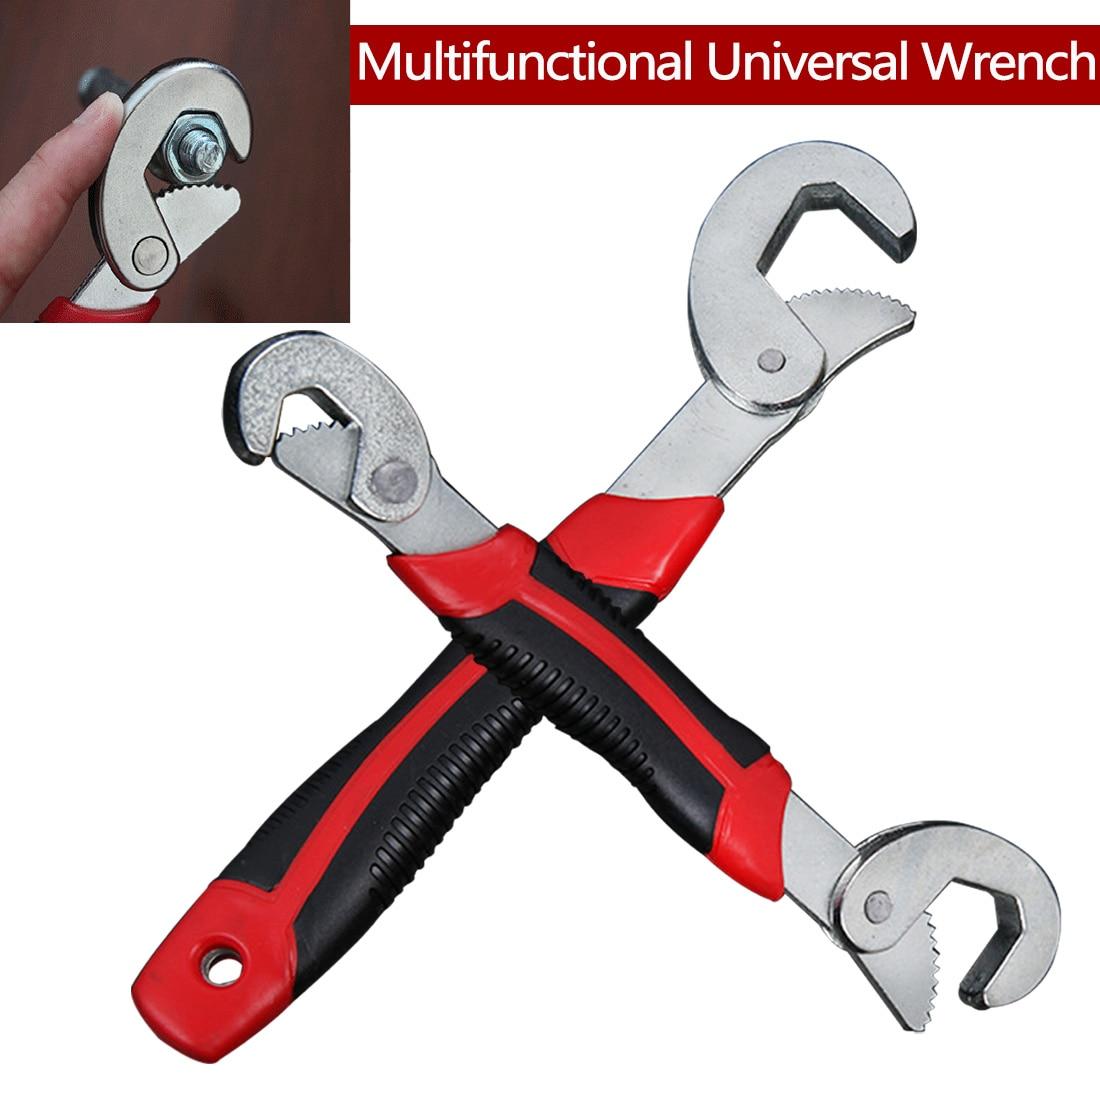 Spanner Set Multi-funktion Schlüssel Universal key Quick Snap und Grip Einstellbare Schraubenschlüssel Für Muttern und Schrauben